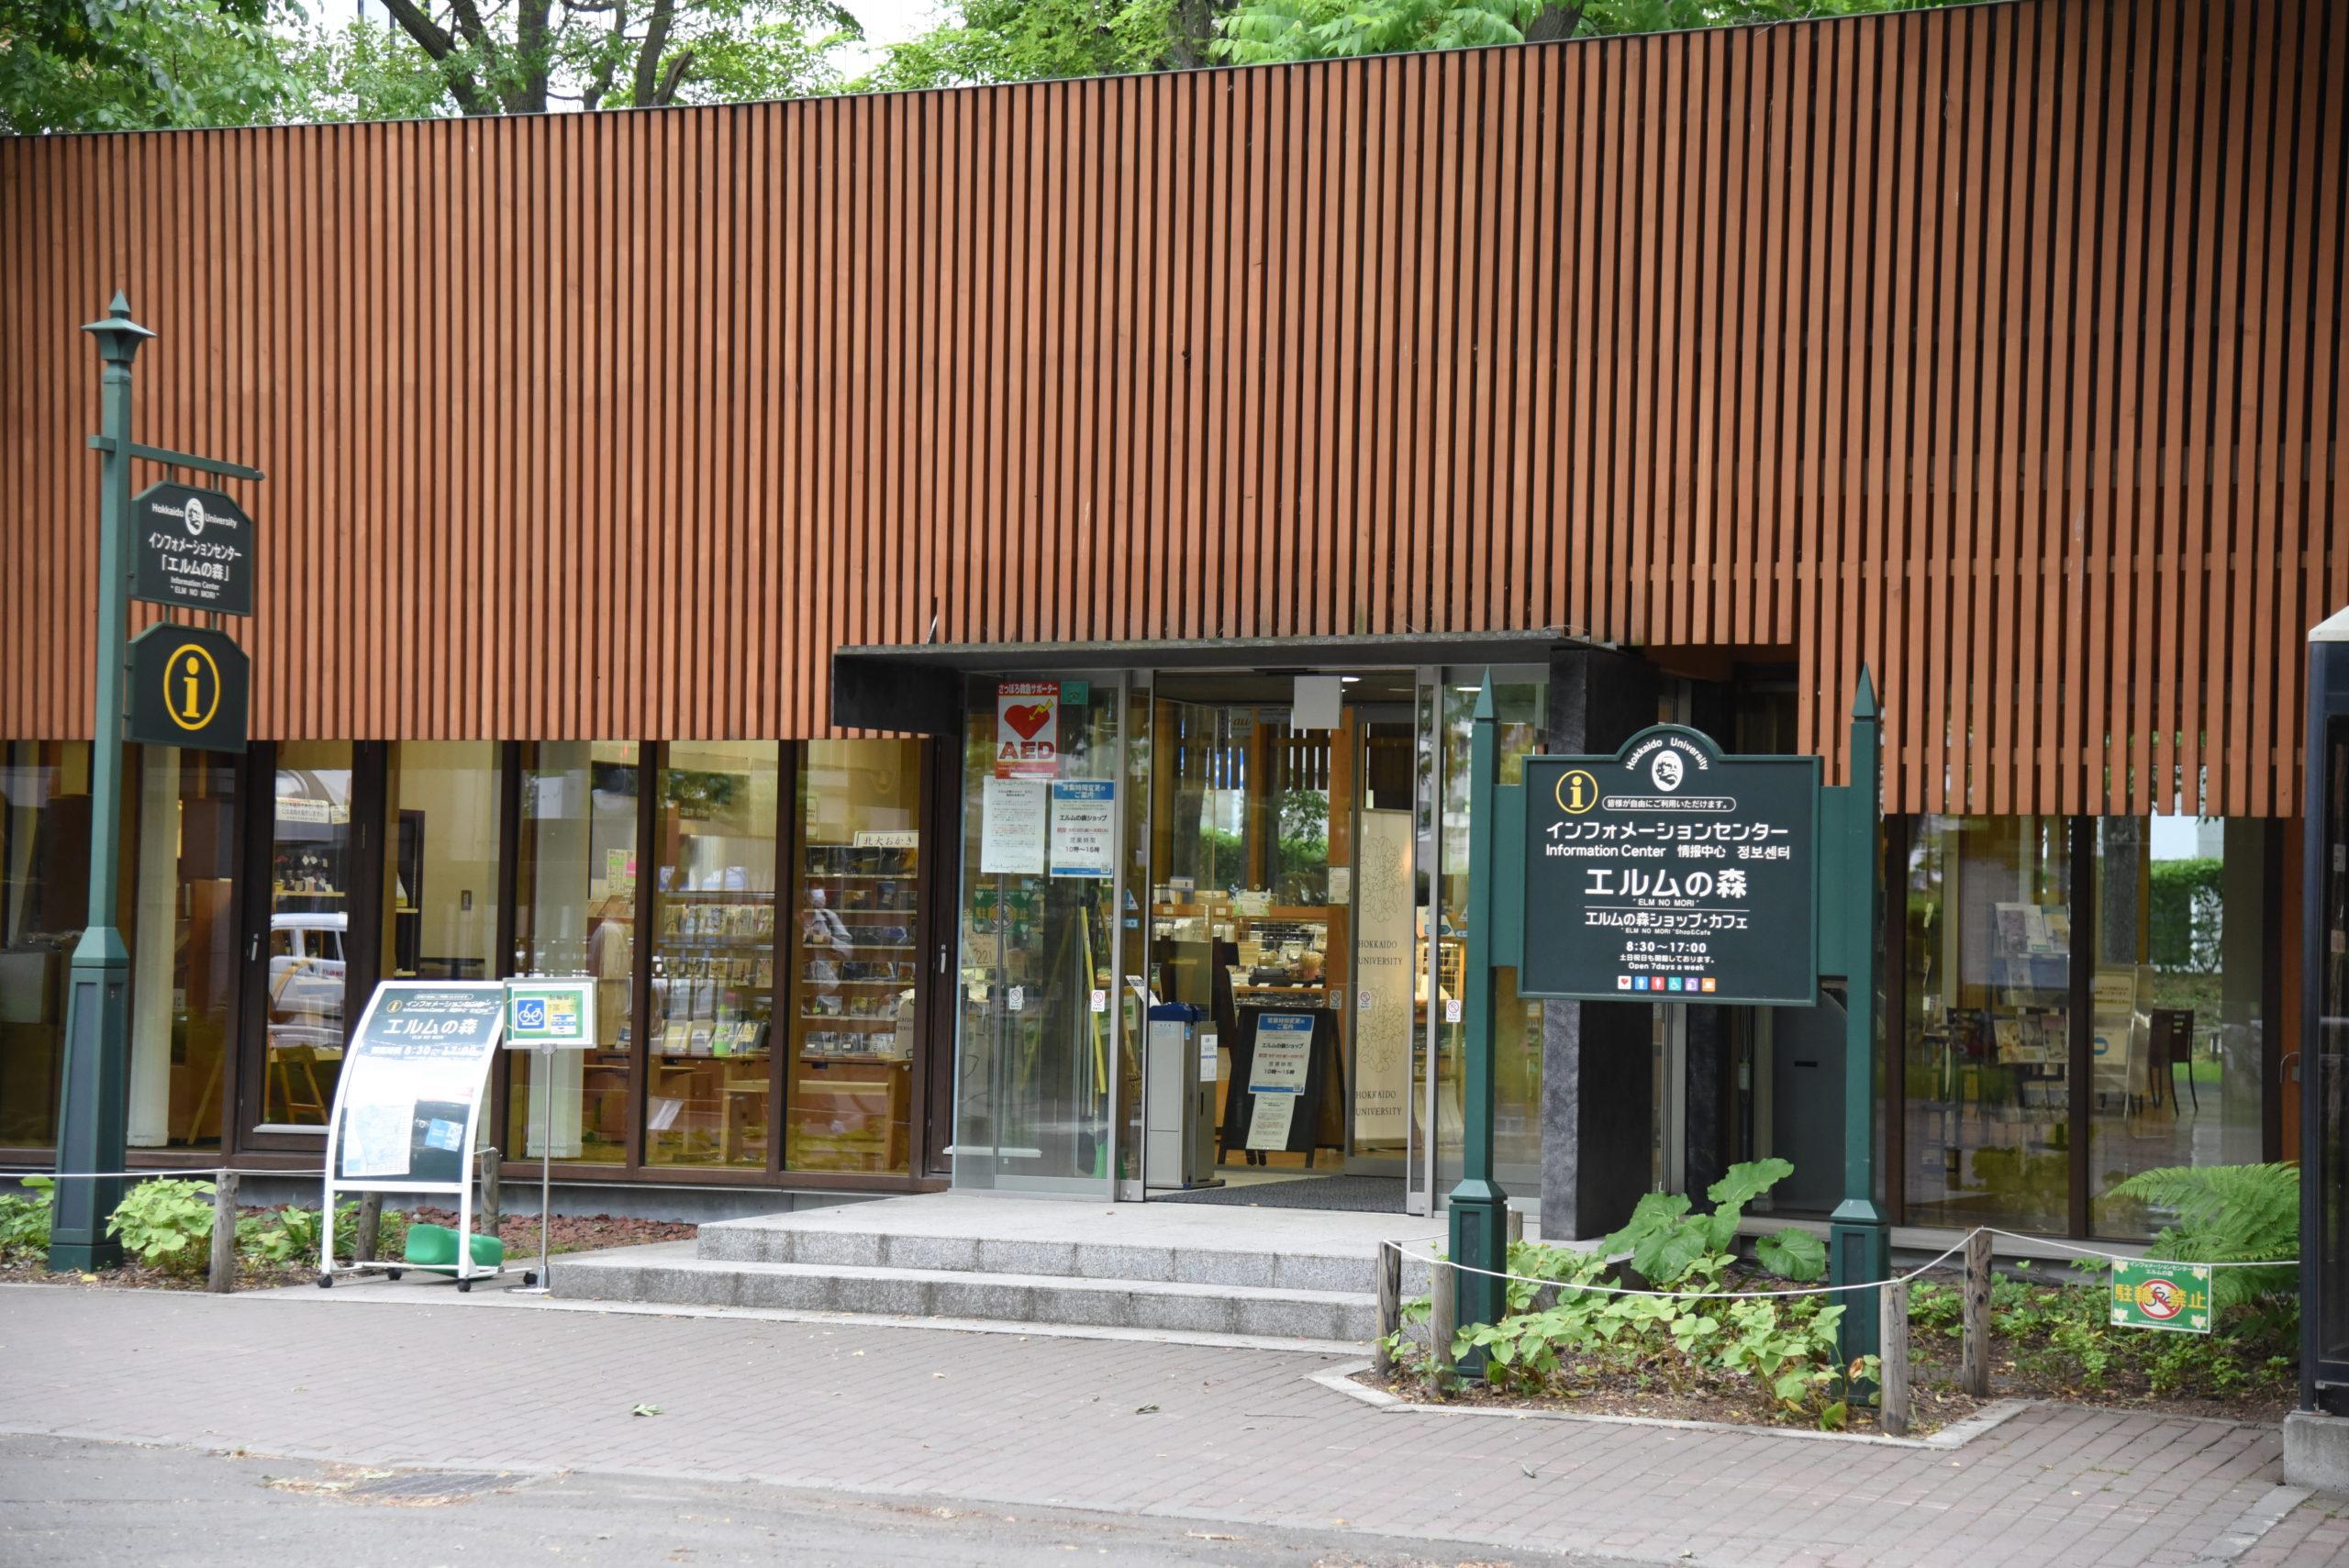 「エルムの森」ショップ・カフェ、30日で閉店 運営者変わり新店開業へ —北大正門近く